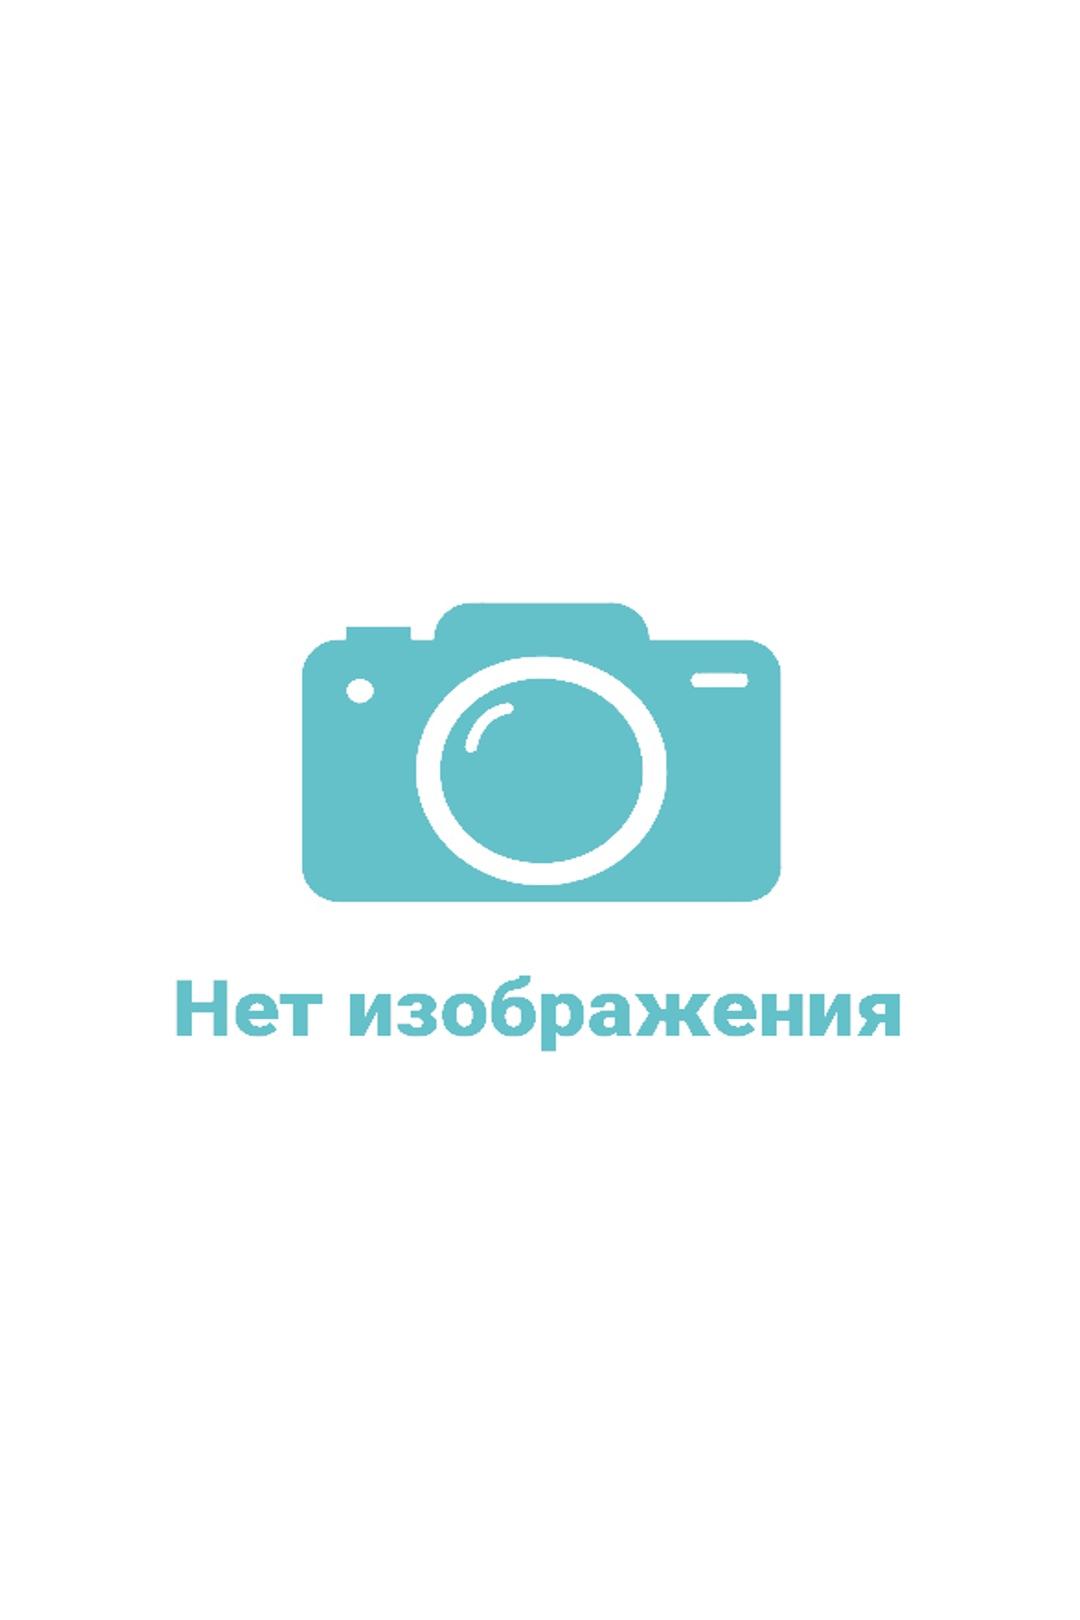 Врач хирург Коробейник Виталий Александрович